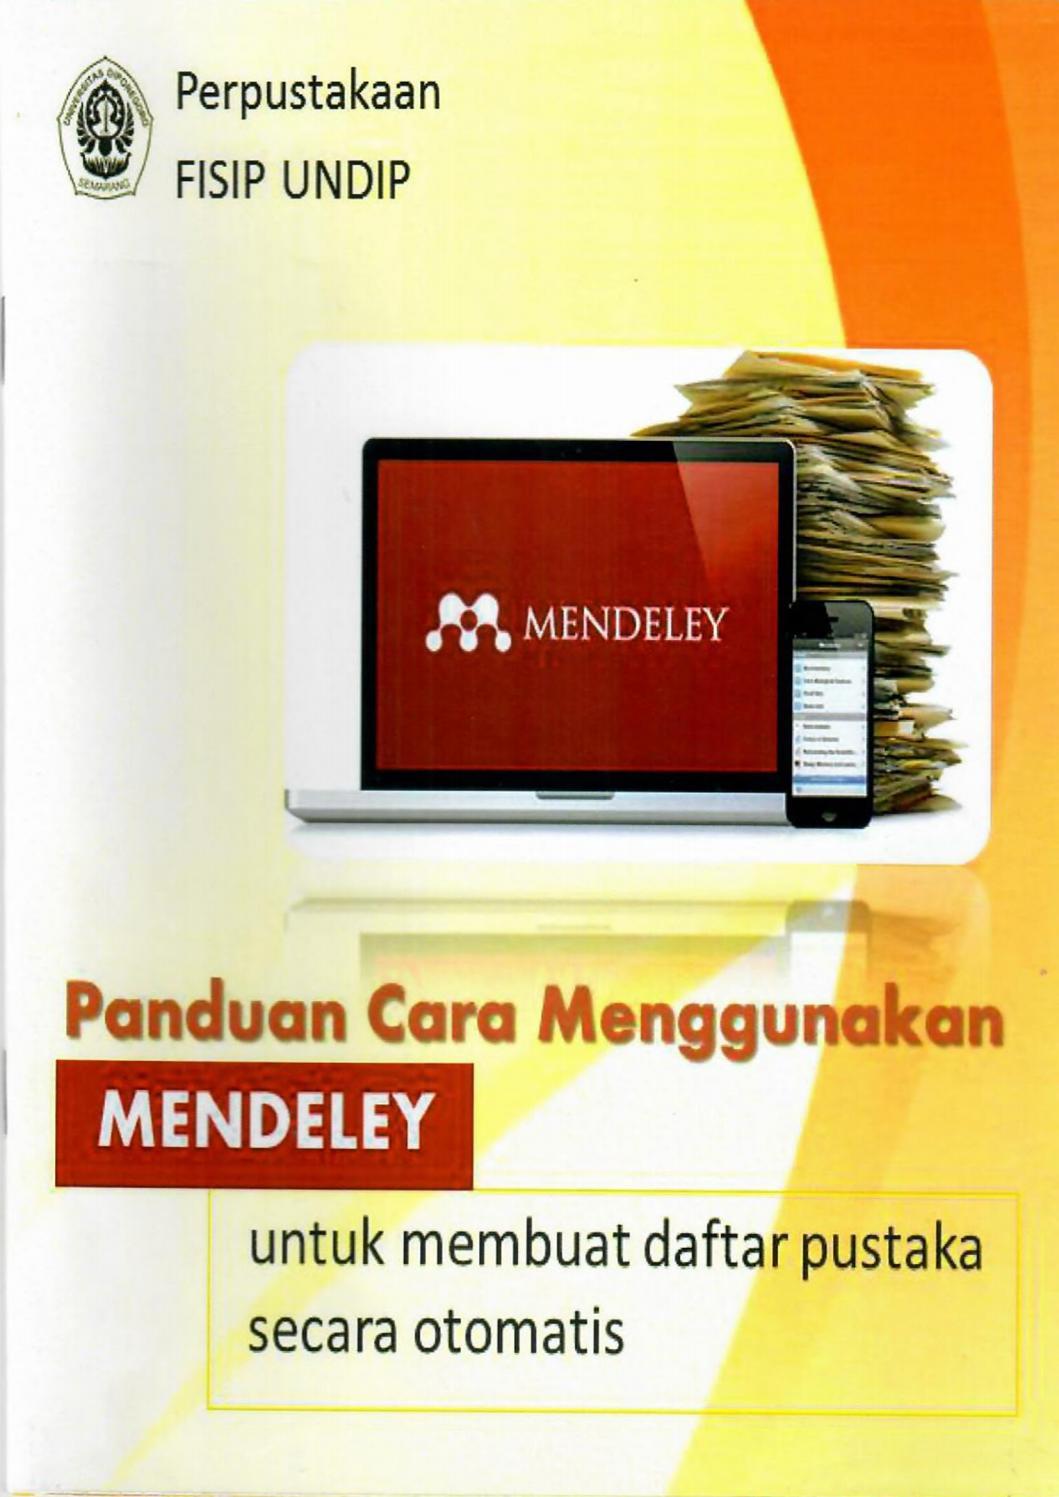 Panduan Praktis Pengelolaan Referensi Menggunakan Mendeley